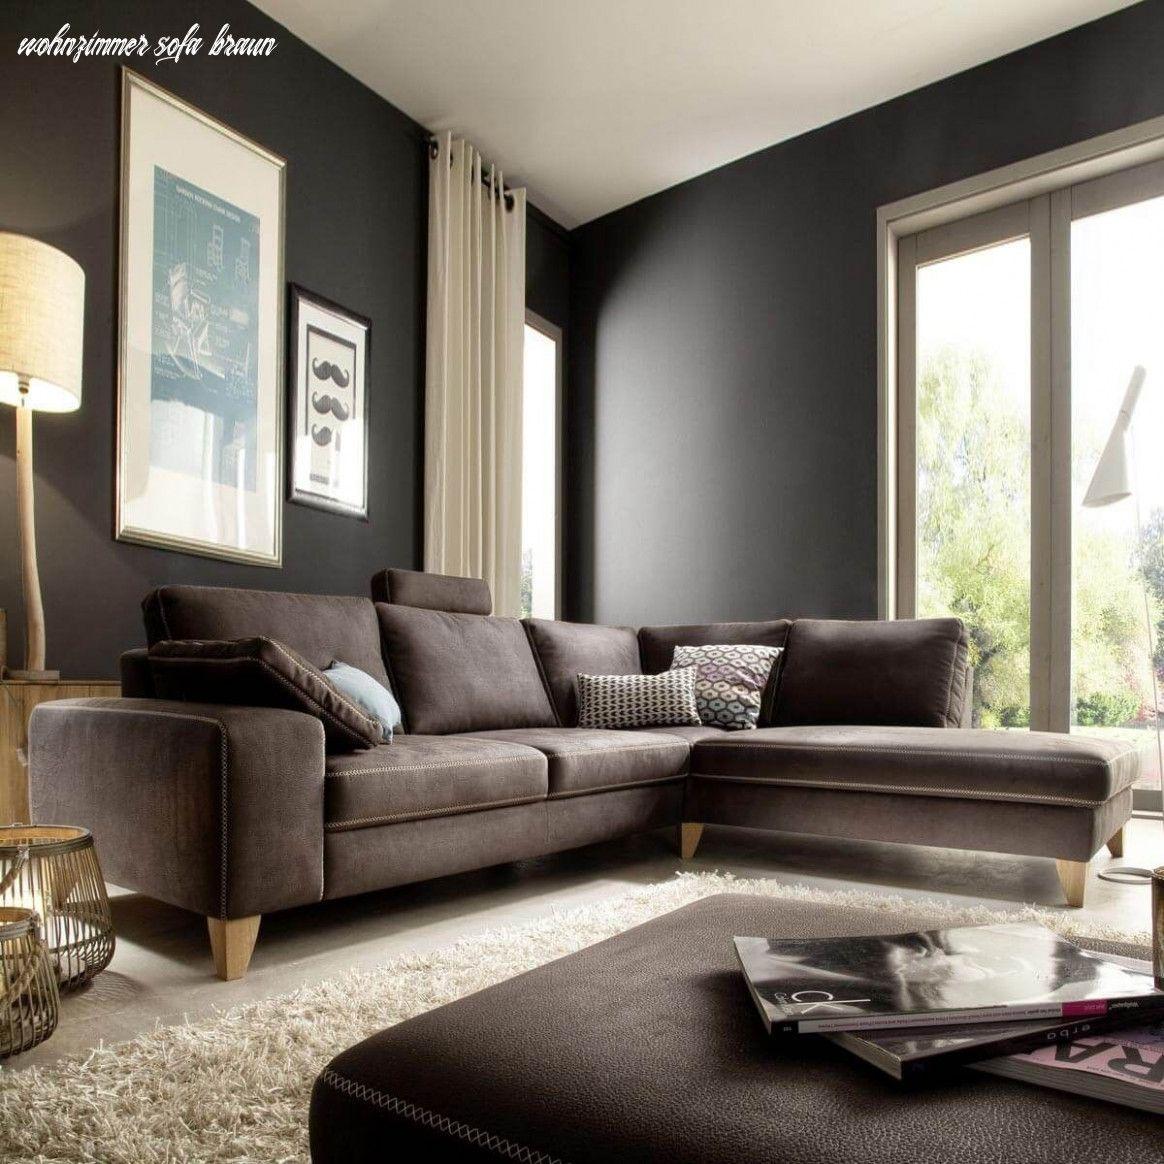 Braunes Leder Couch Wohnzimmer Mit Bildern Wohnzimmer Braun Sofas Wohnzimmer Wohnzimmereinrichtung